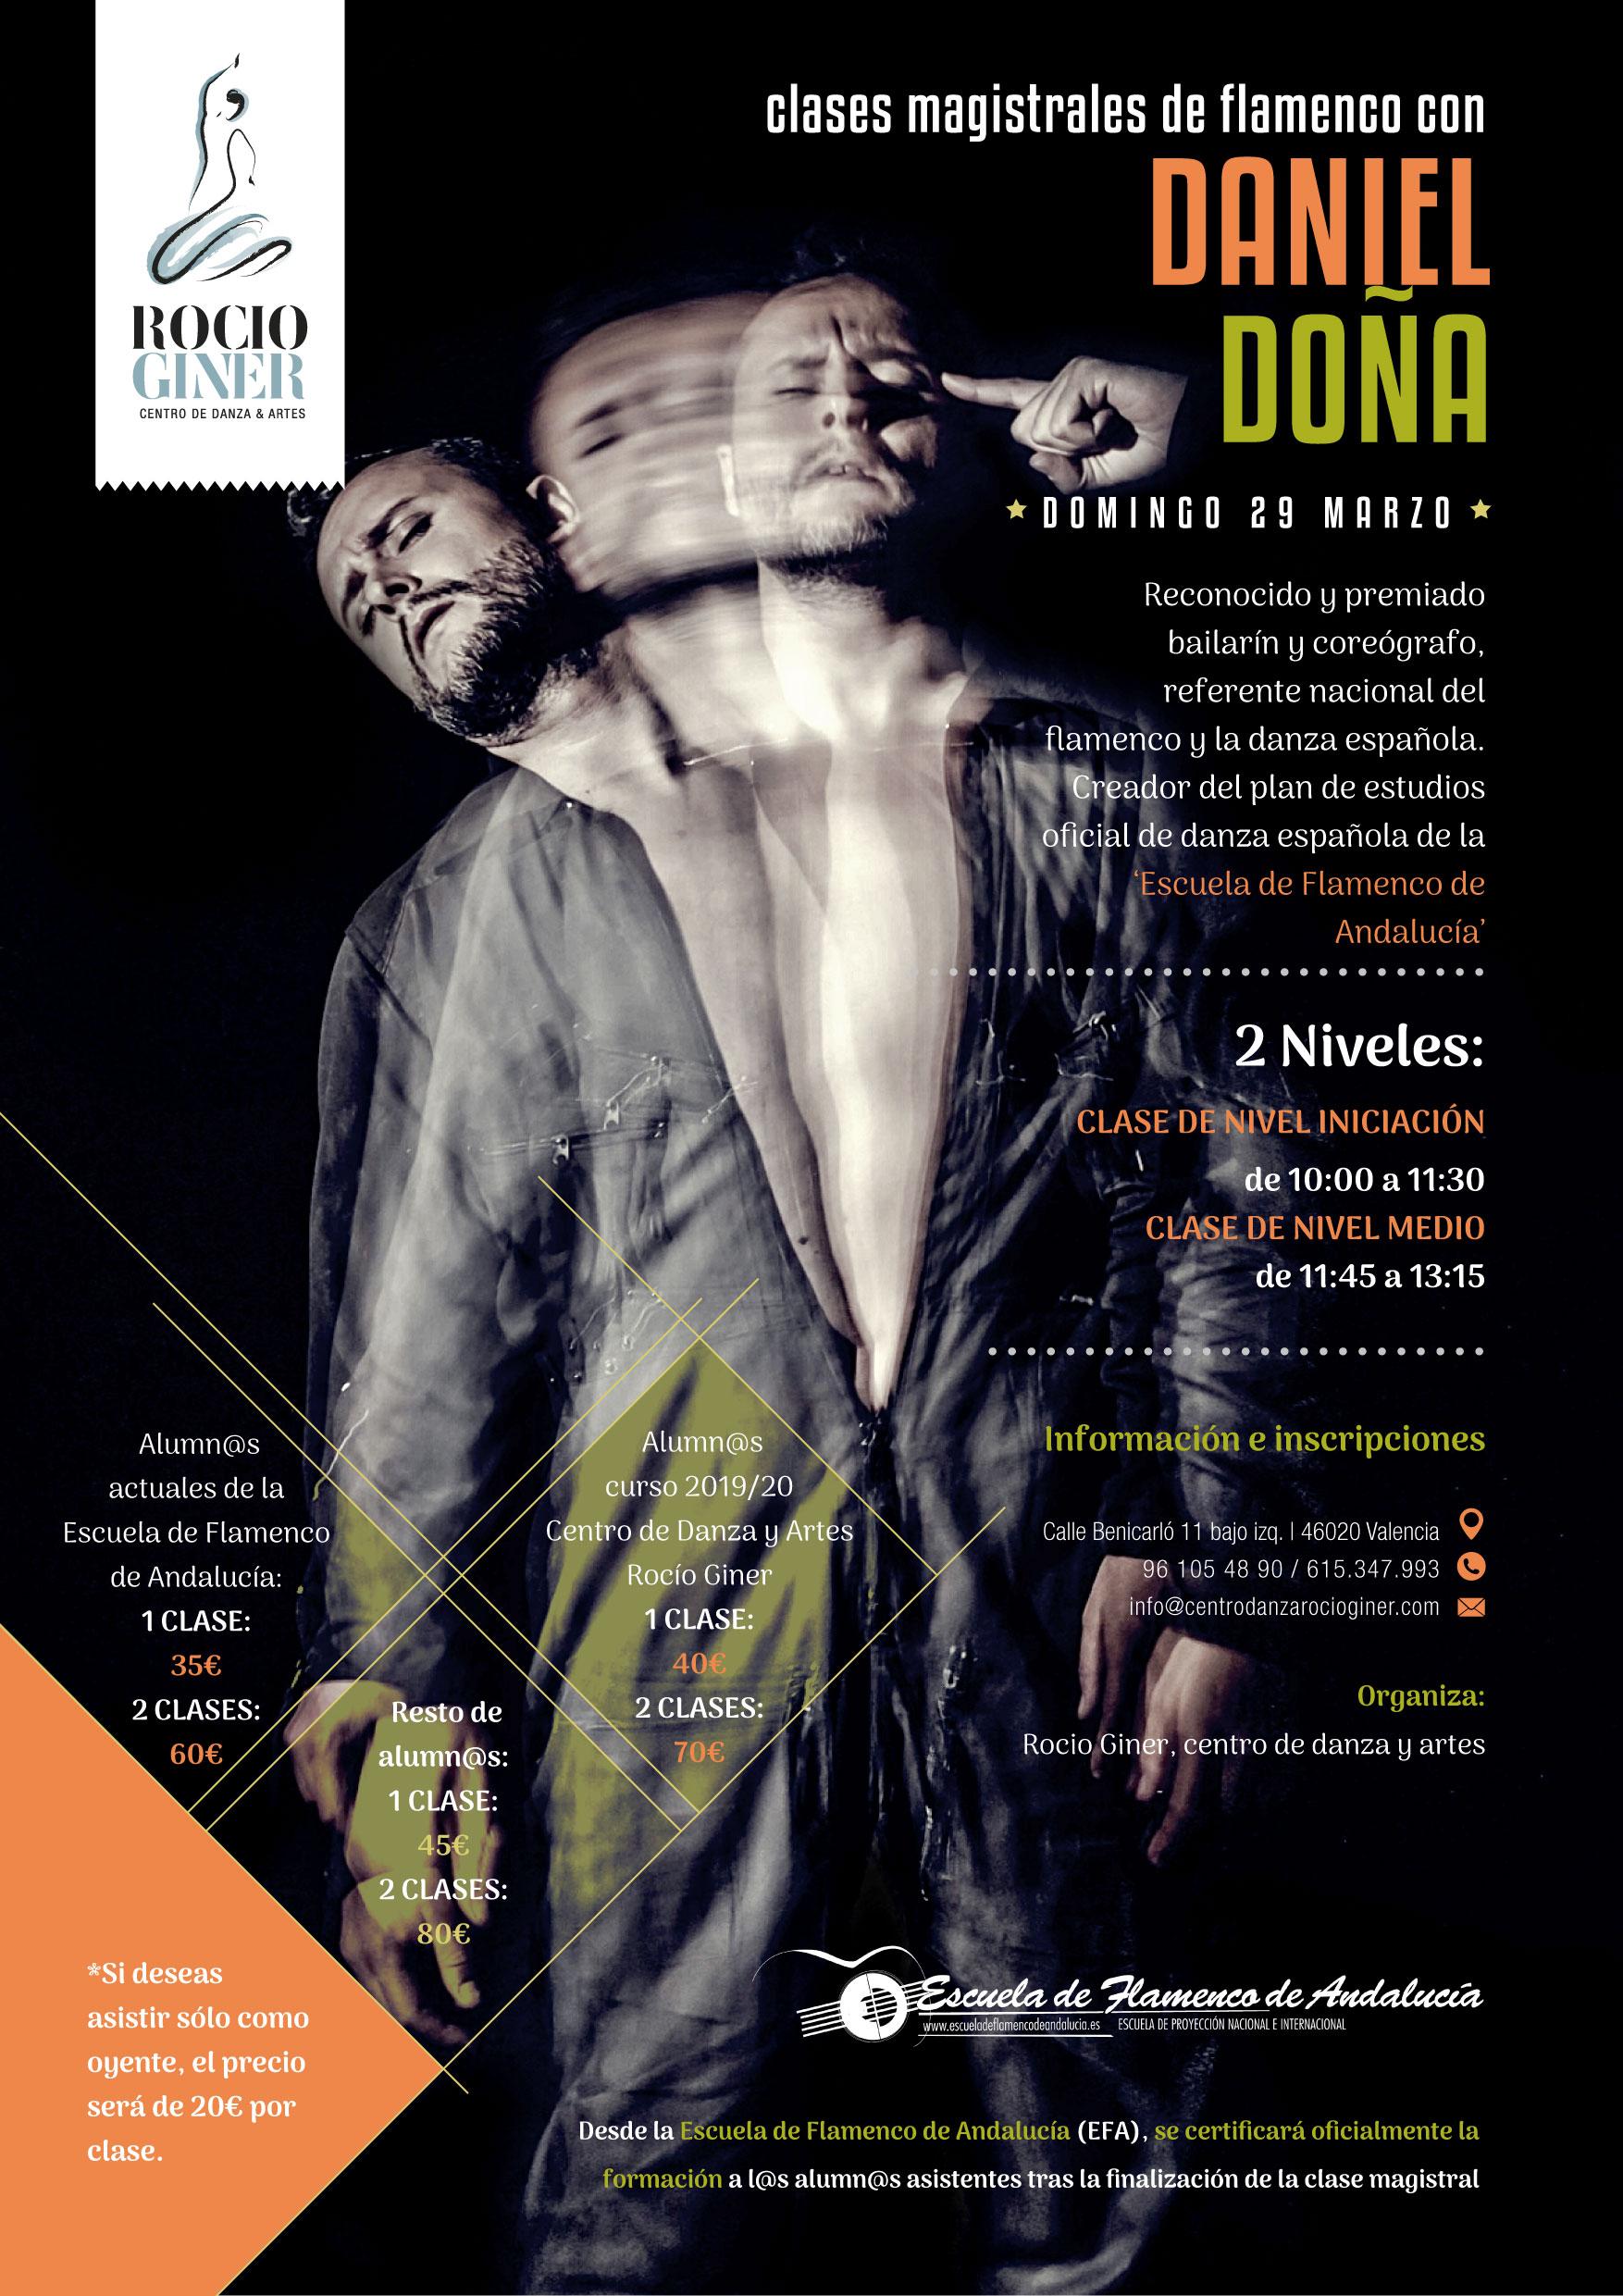 Clases de flamenco Daniel Doña